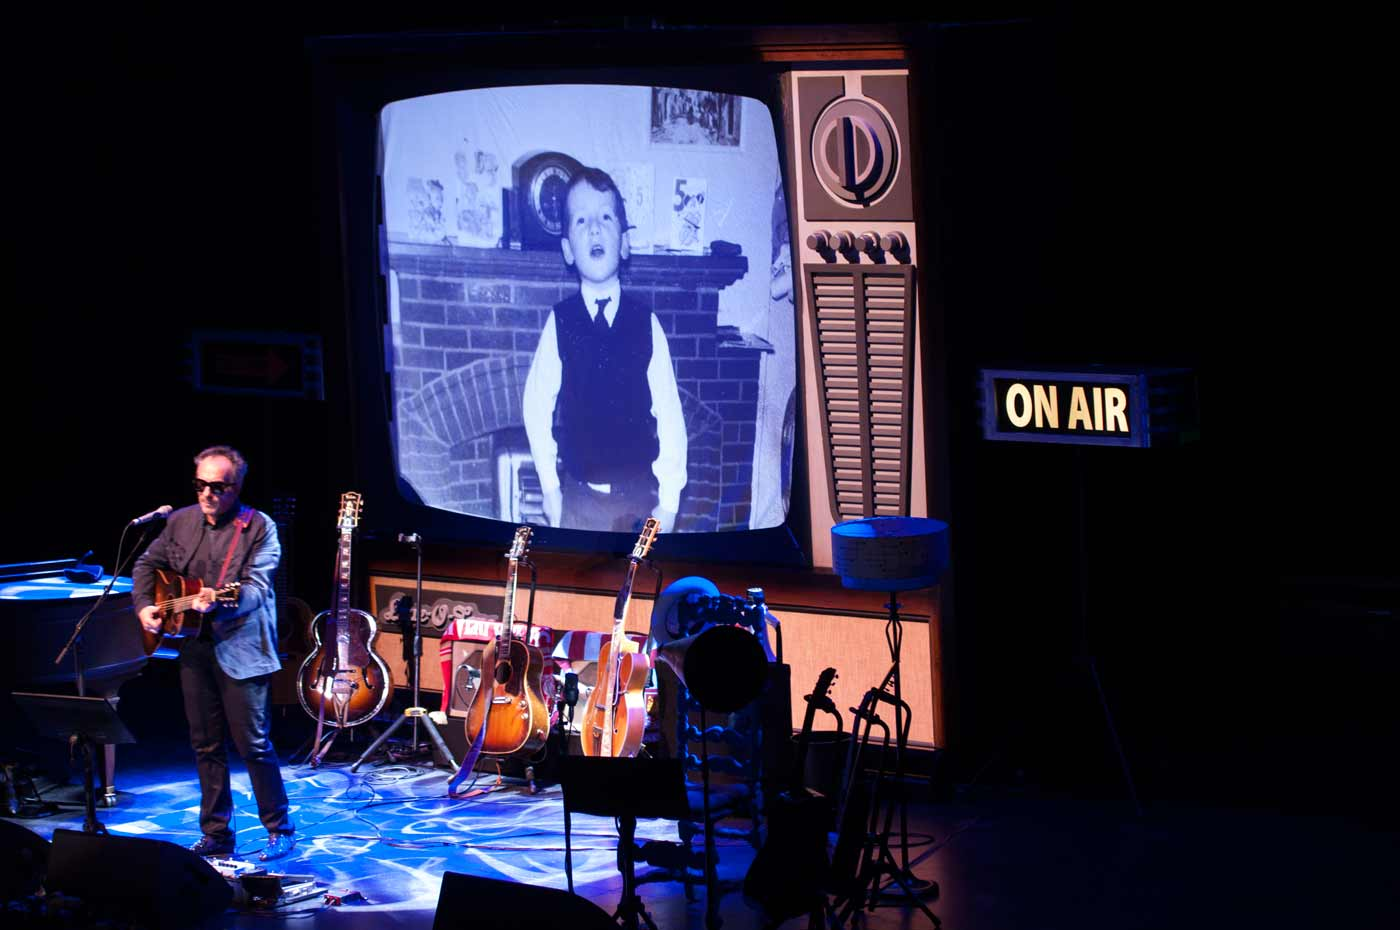 Elvis-Costello-Kursaal-Irene-mariscal-II